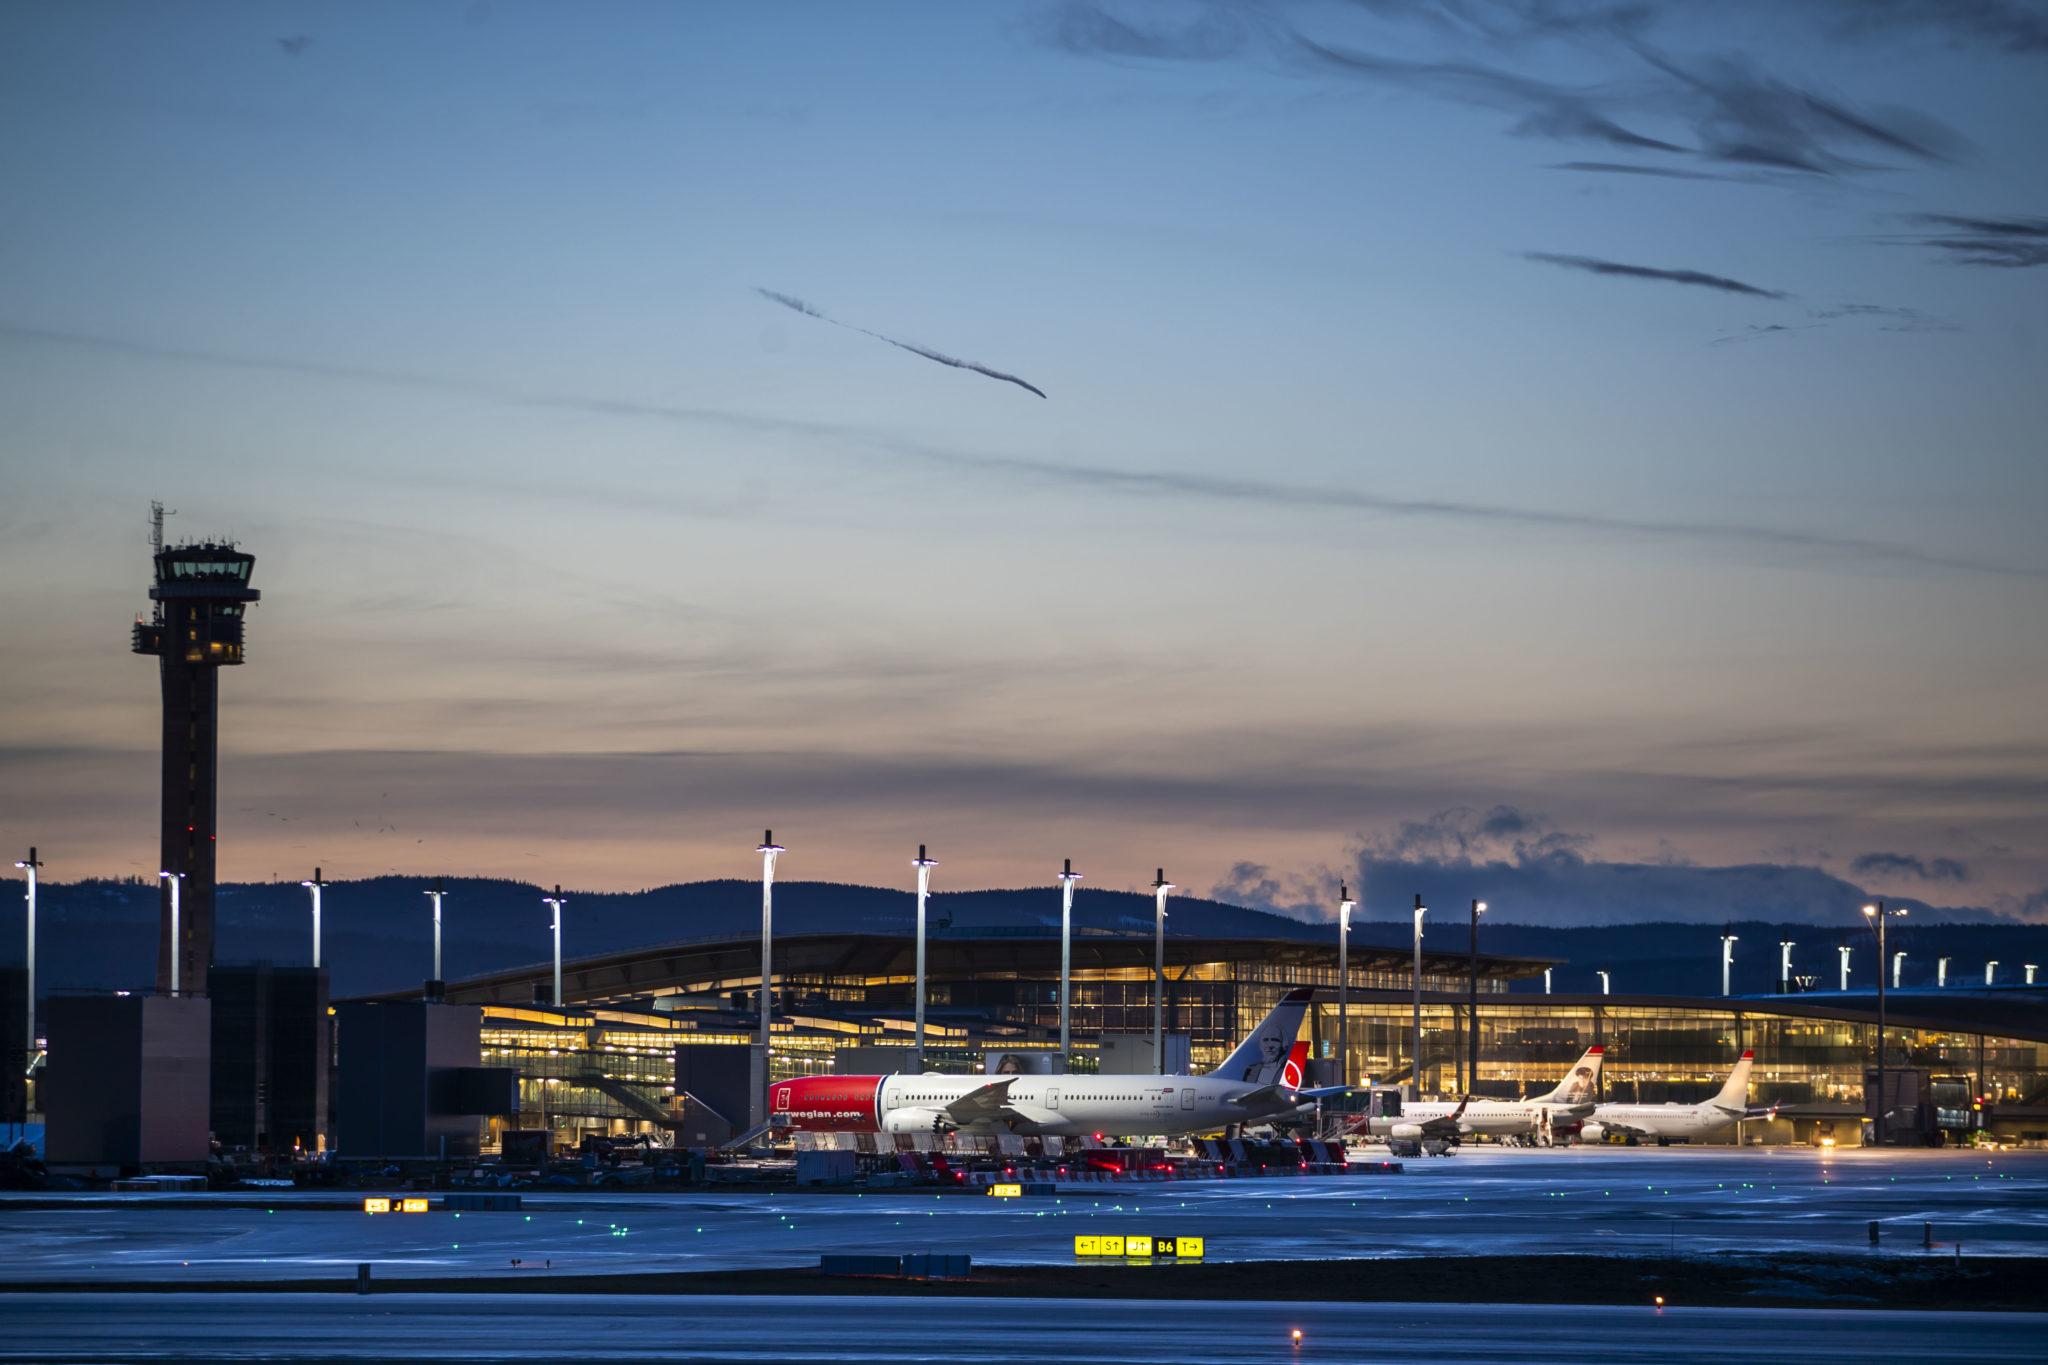 Oslo Lufthavn Nekter Innreise Til Utlendinger Ber Forsvaret Om